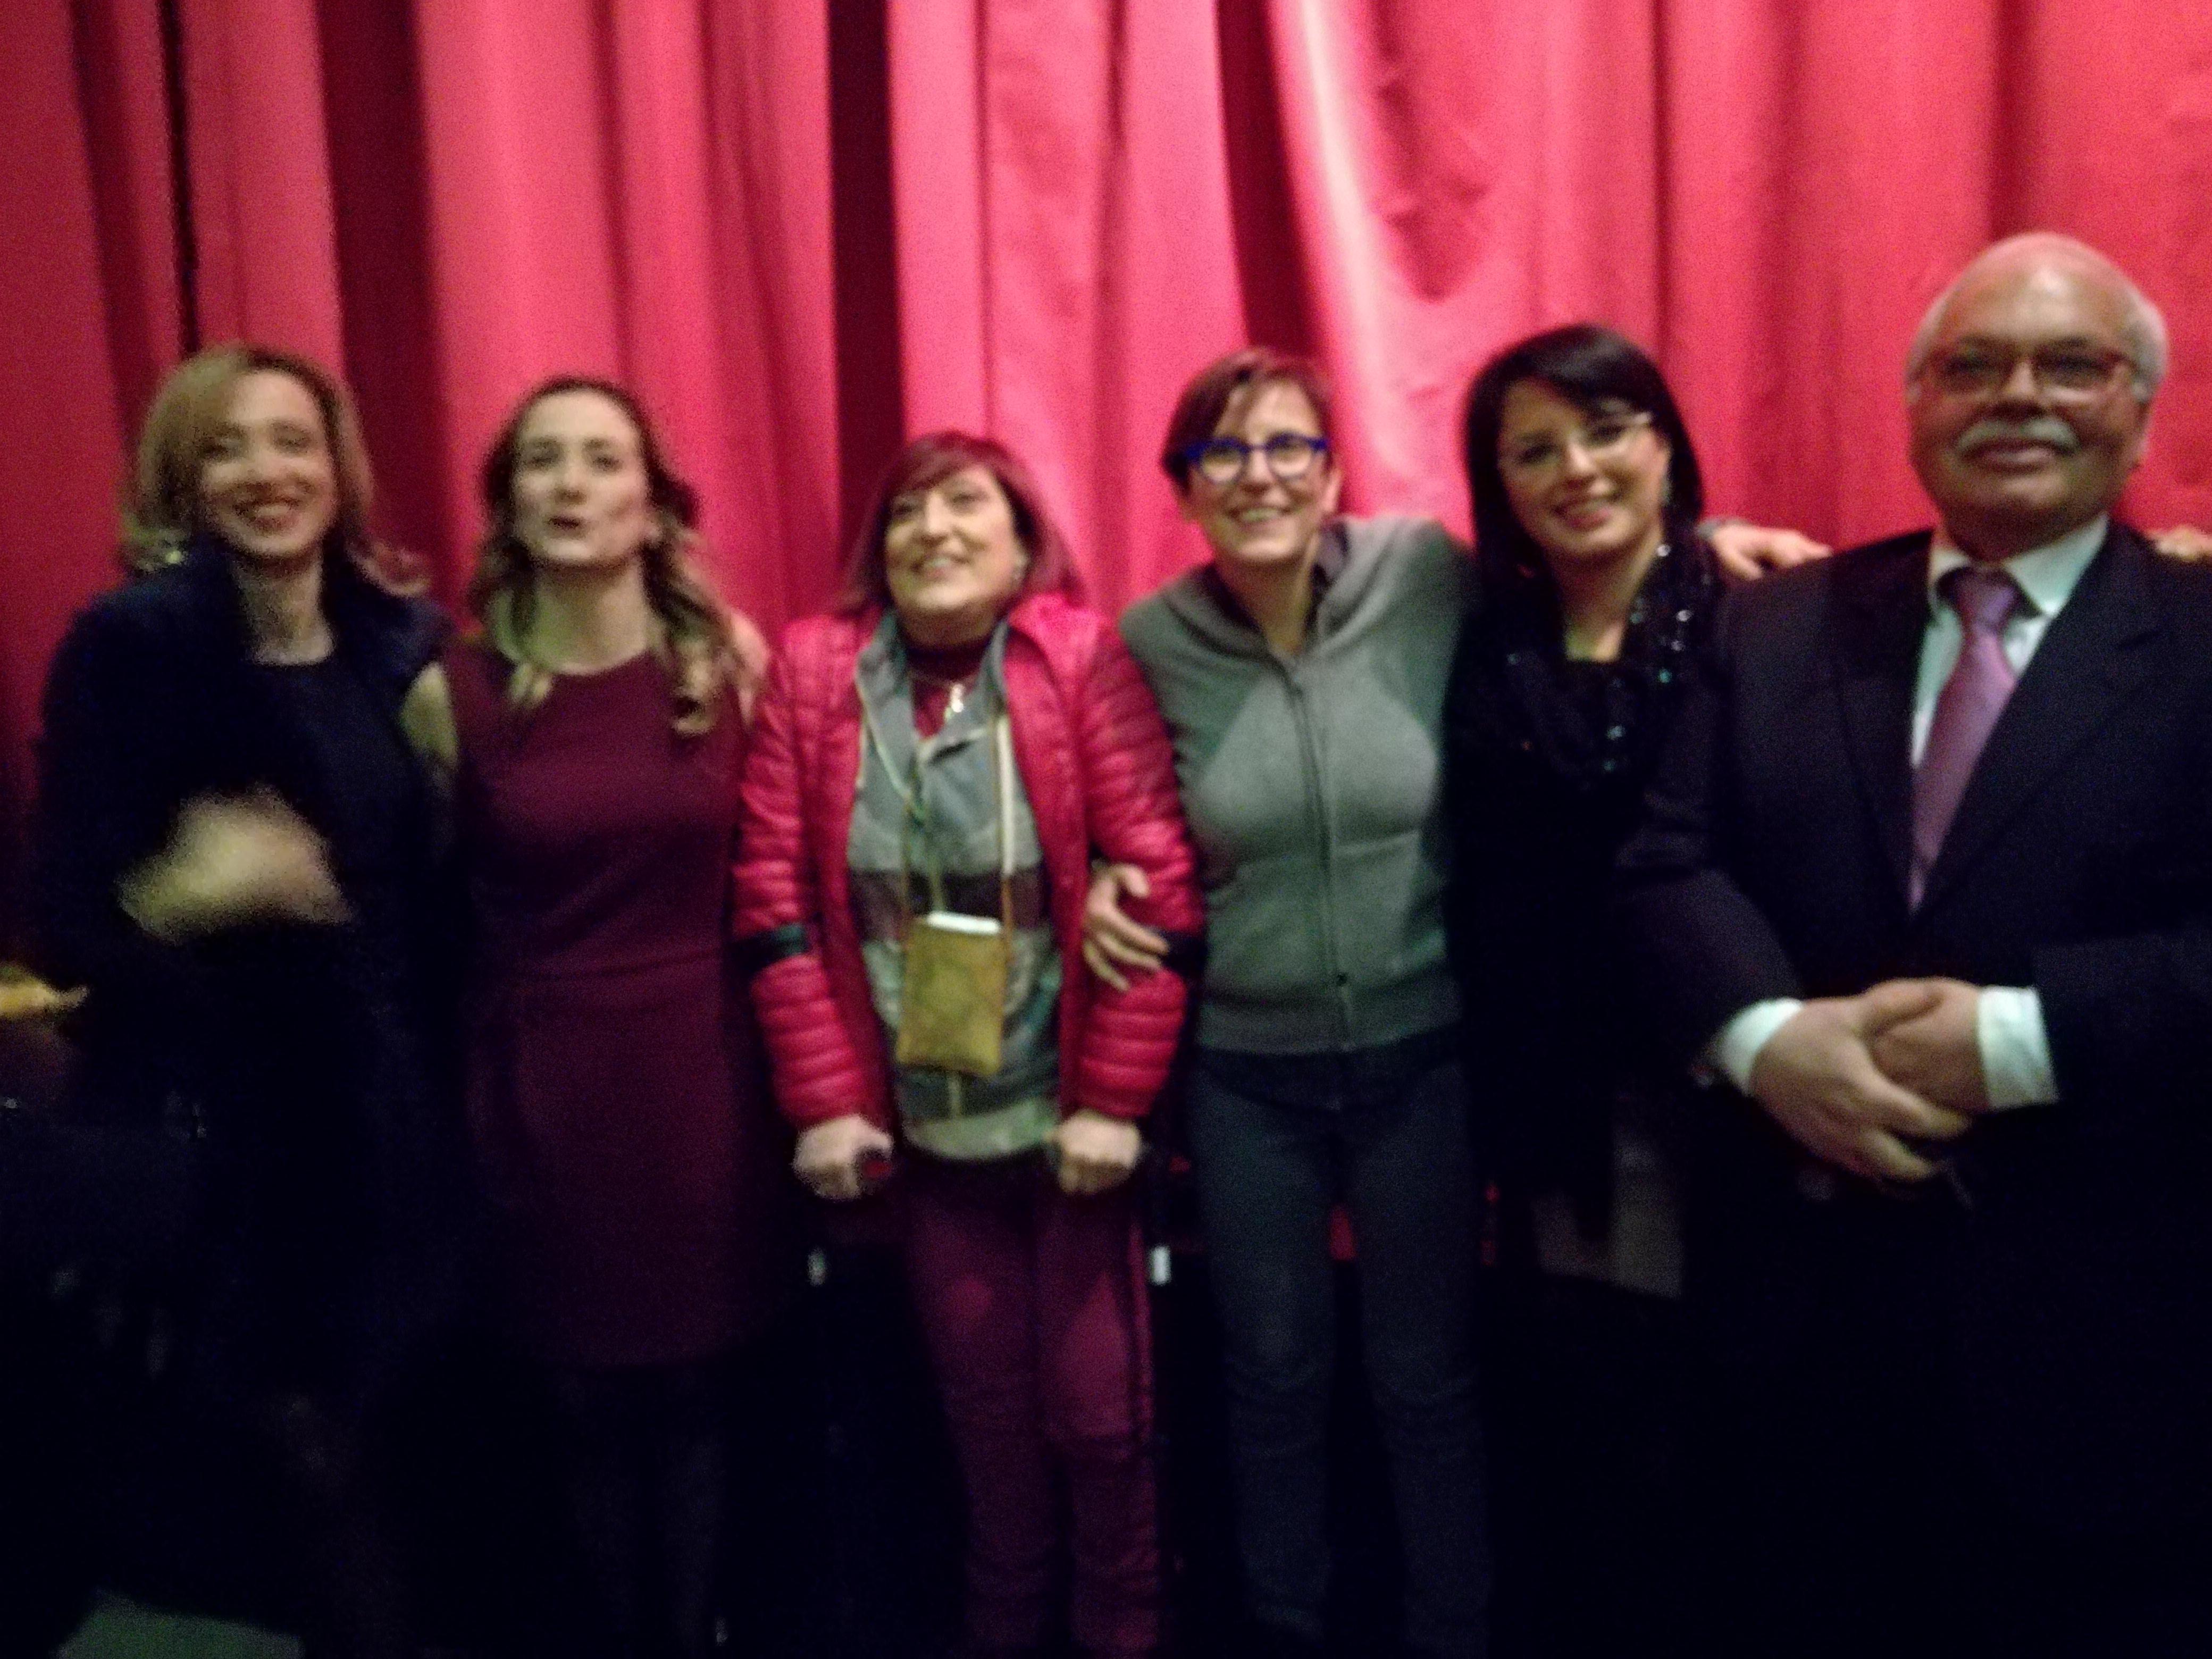 Battipaglia-festa della donna-premiazione-Cecilia Francese-Elisa Vitolo-Michele Cupertino